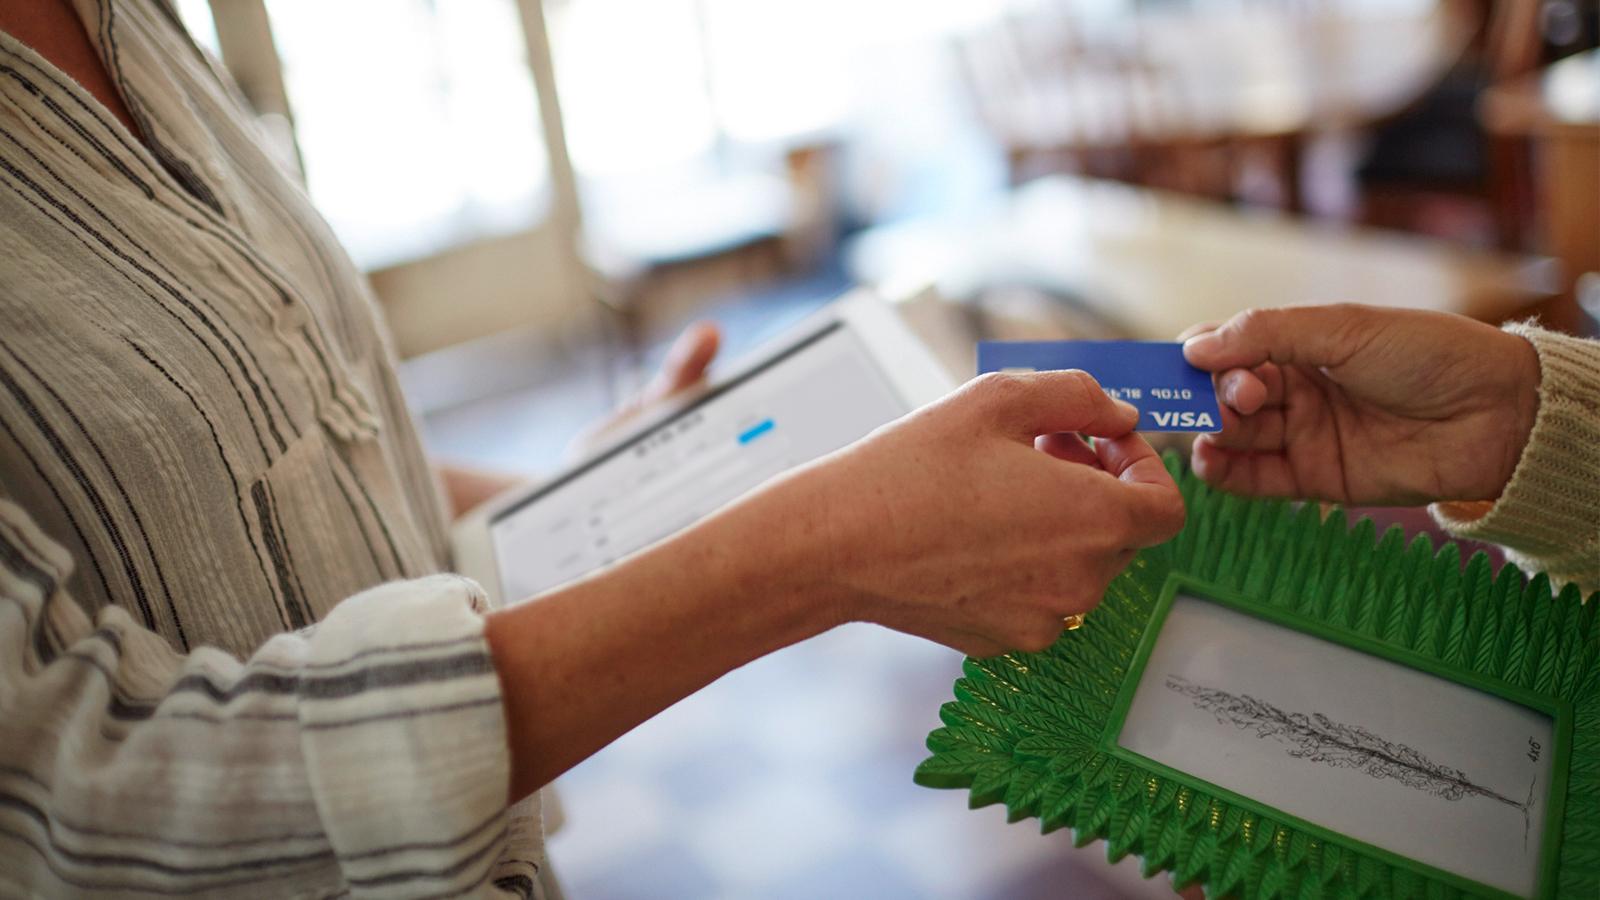 معلومات لمستقبلي البطاقات | Visa